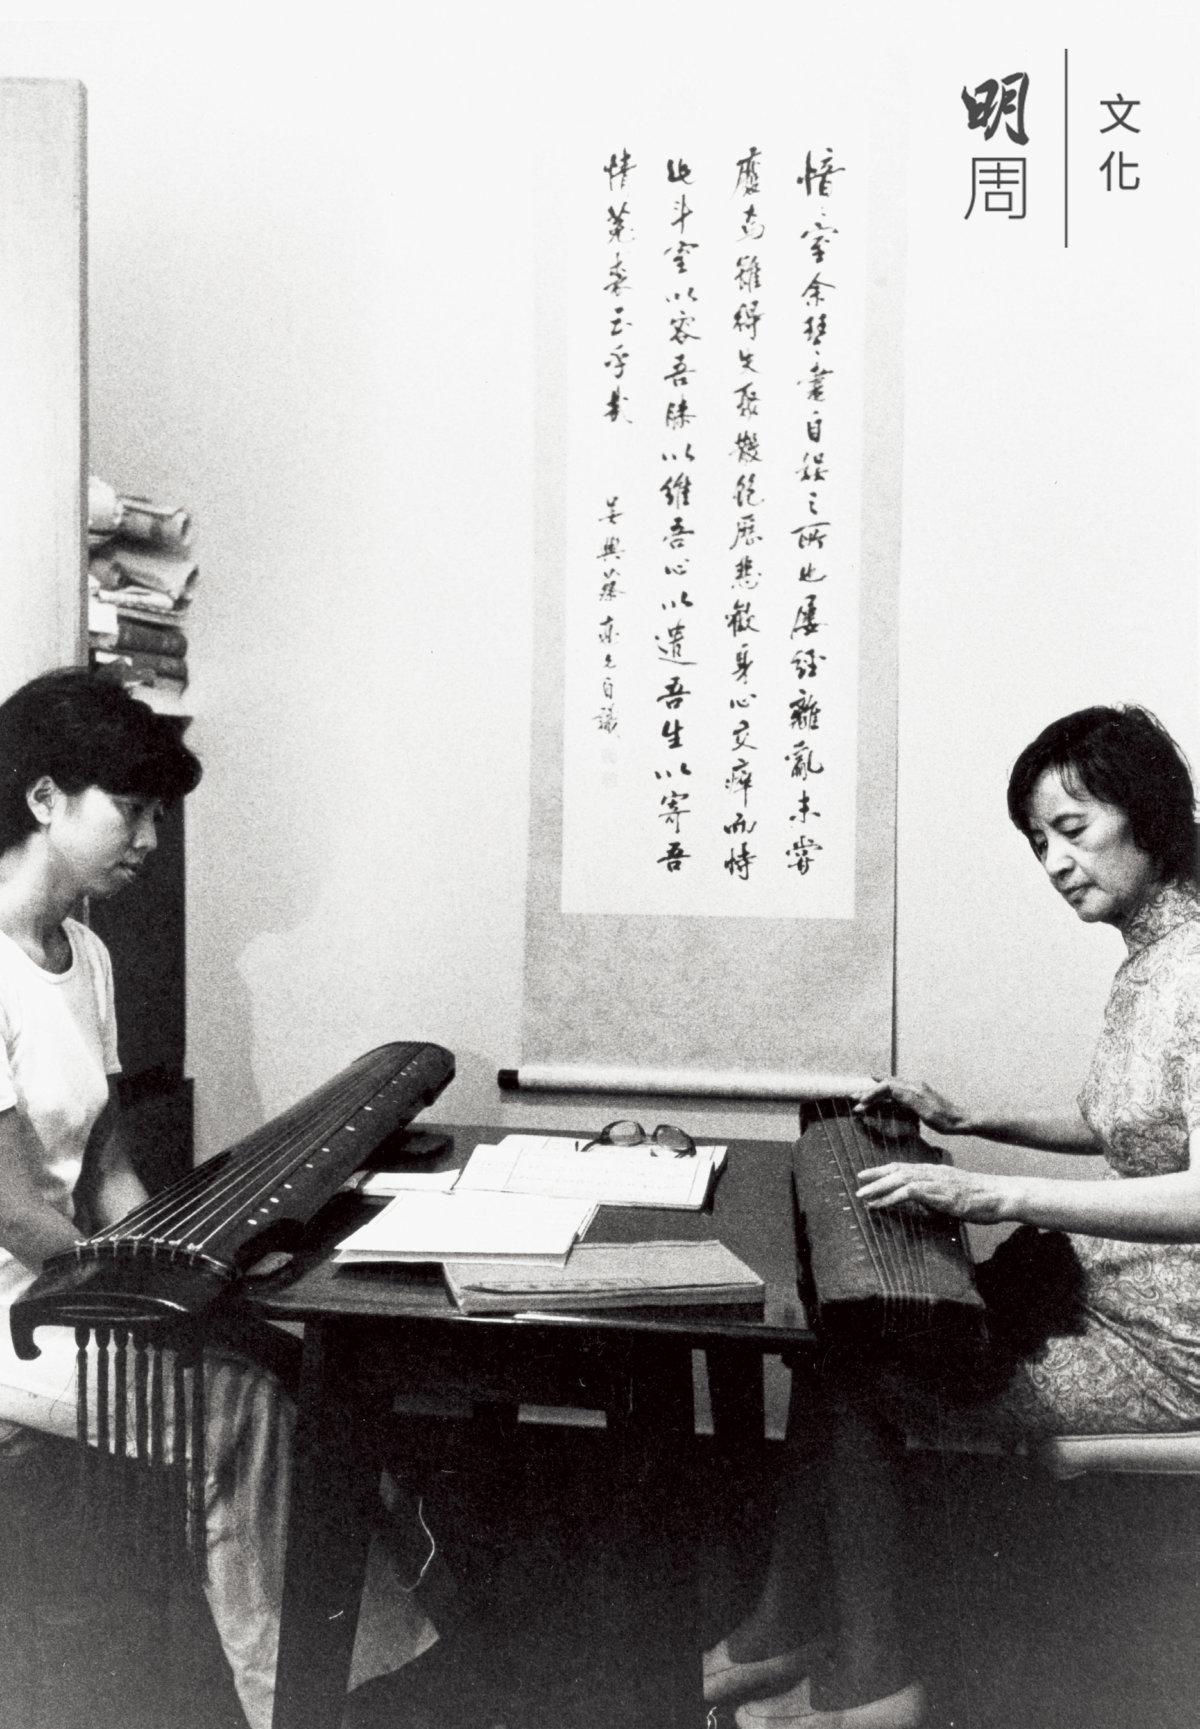 蔡德允(右)上課教授新曲時給劉楚華示範。照片攝於1970年代。圖片提供:郭茂基先生;圖片出處:《香江琴緣》展覽圖錄(康樂及文化事務署出版)